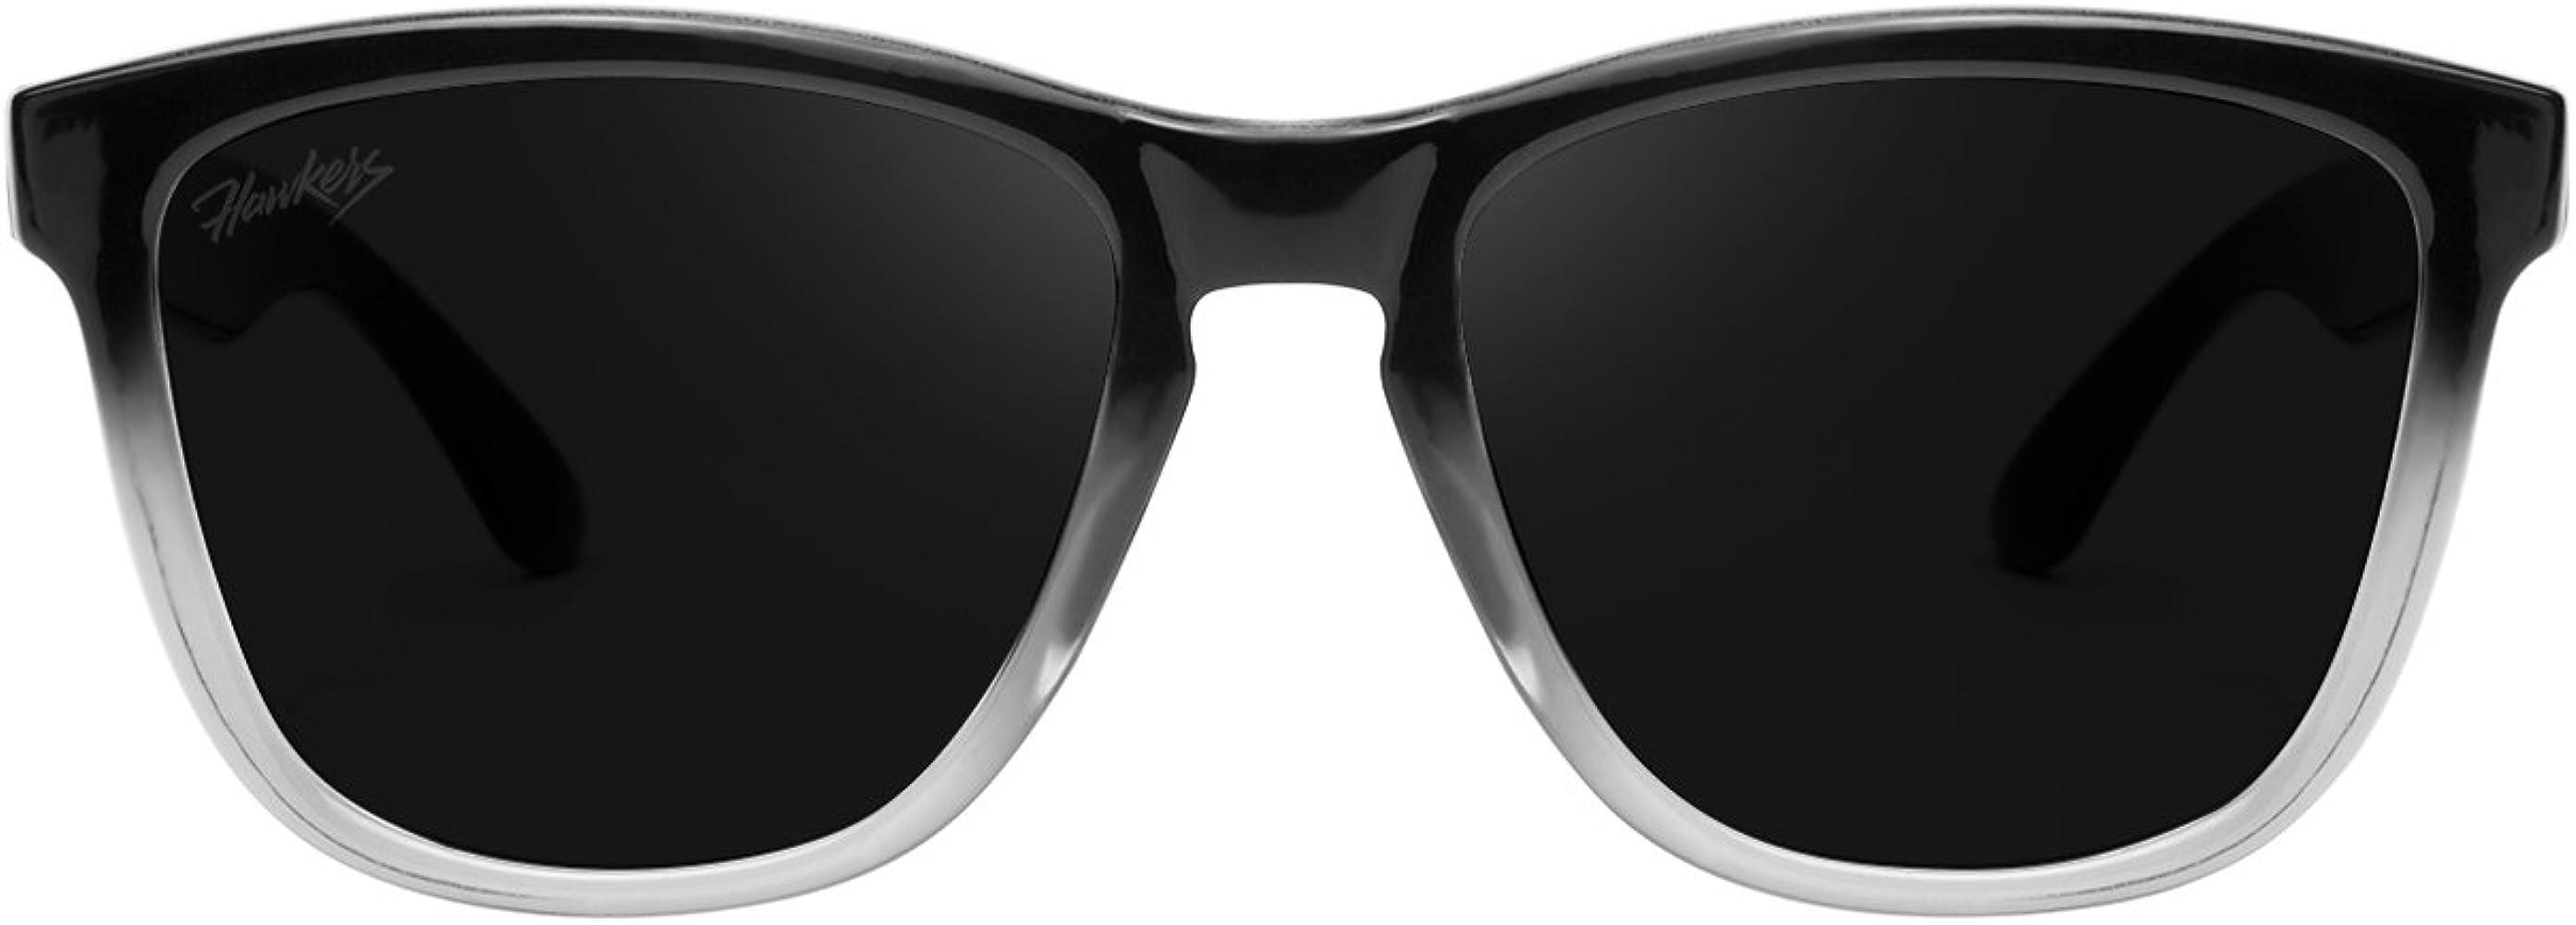 HAWKERS · FUSION · Dark · Gafas de sol para hombre y mujer: Amazon ...